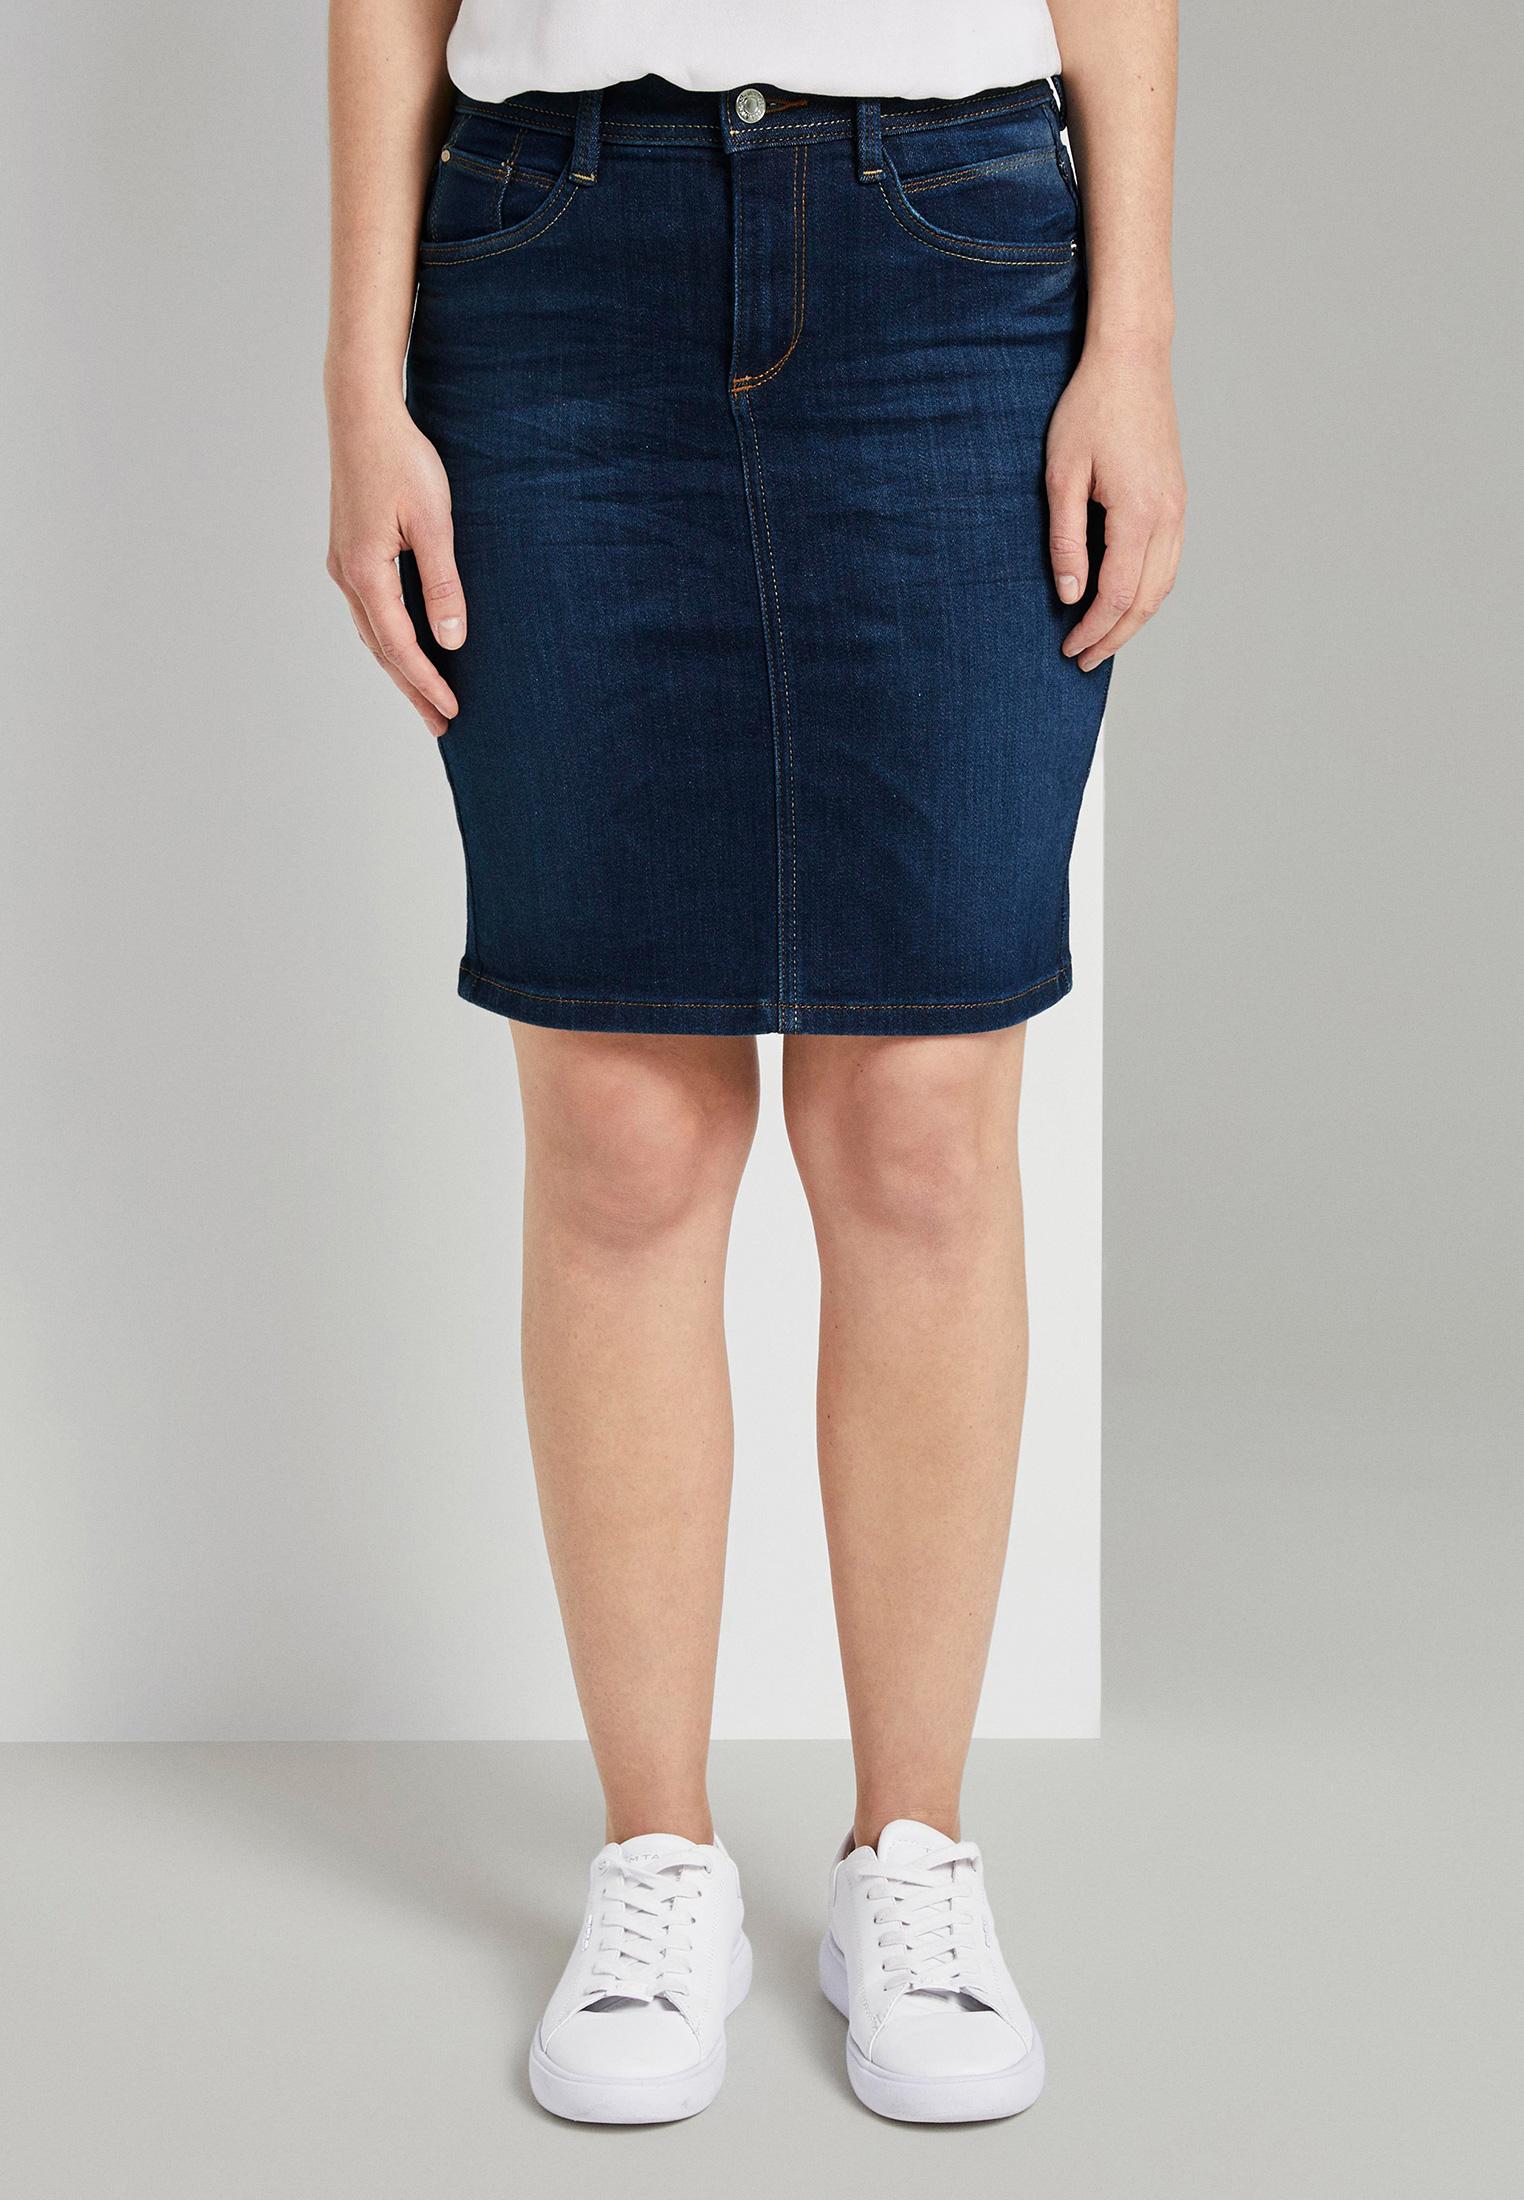 Джинсовая юбка Tom Tailor (Том Тейлор) 1022201